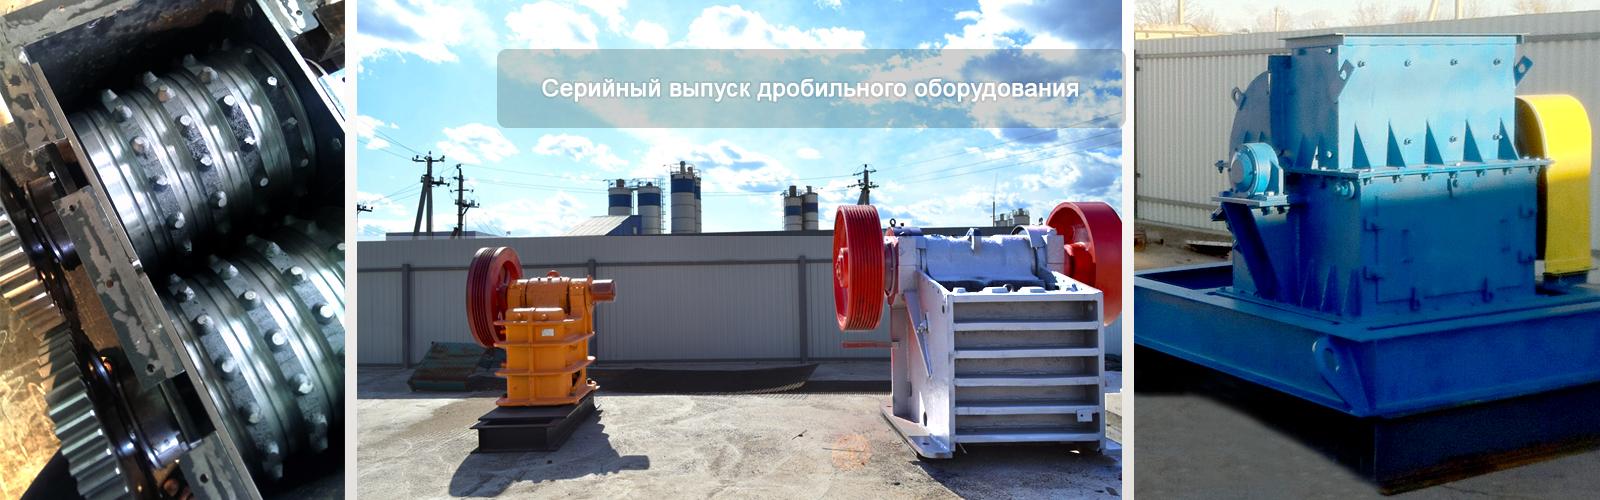 Производство дробилок в Саянск купить центробежную дробилку дц 1 0